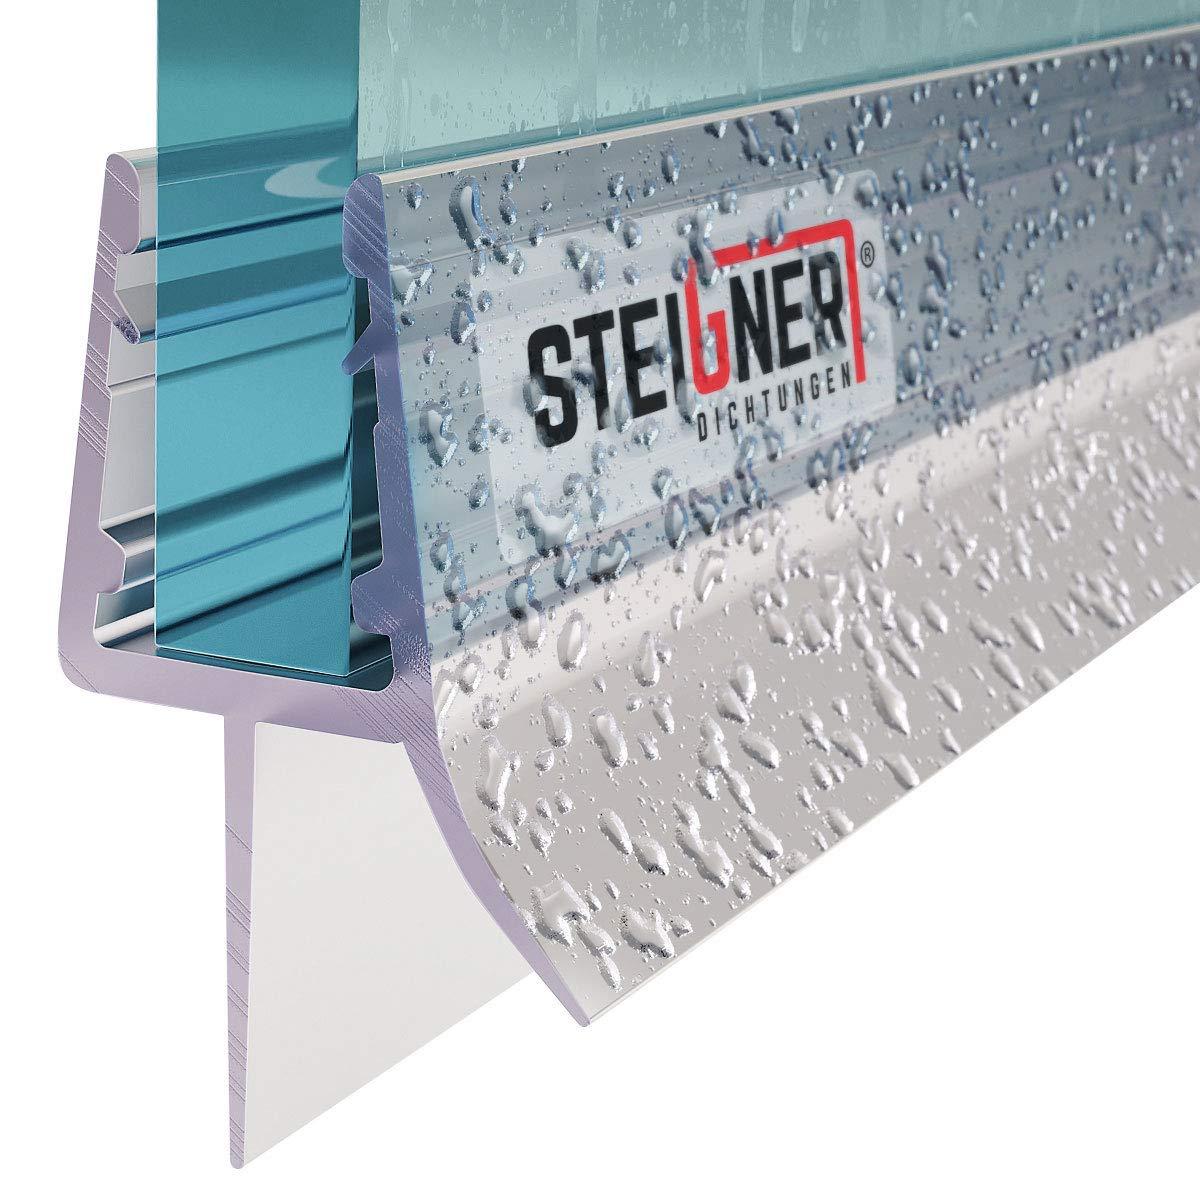 UK13 90 cm joint d/étanch/éit/é de rechange pour 3.5 mm//4 mm//verre 5 mm d/épaisseur d/éflecteur deau de douche de phoques